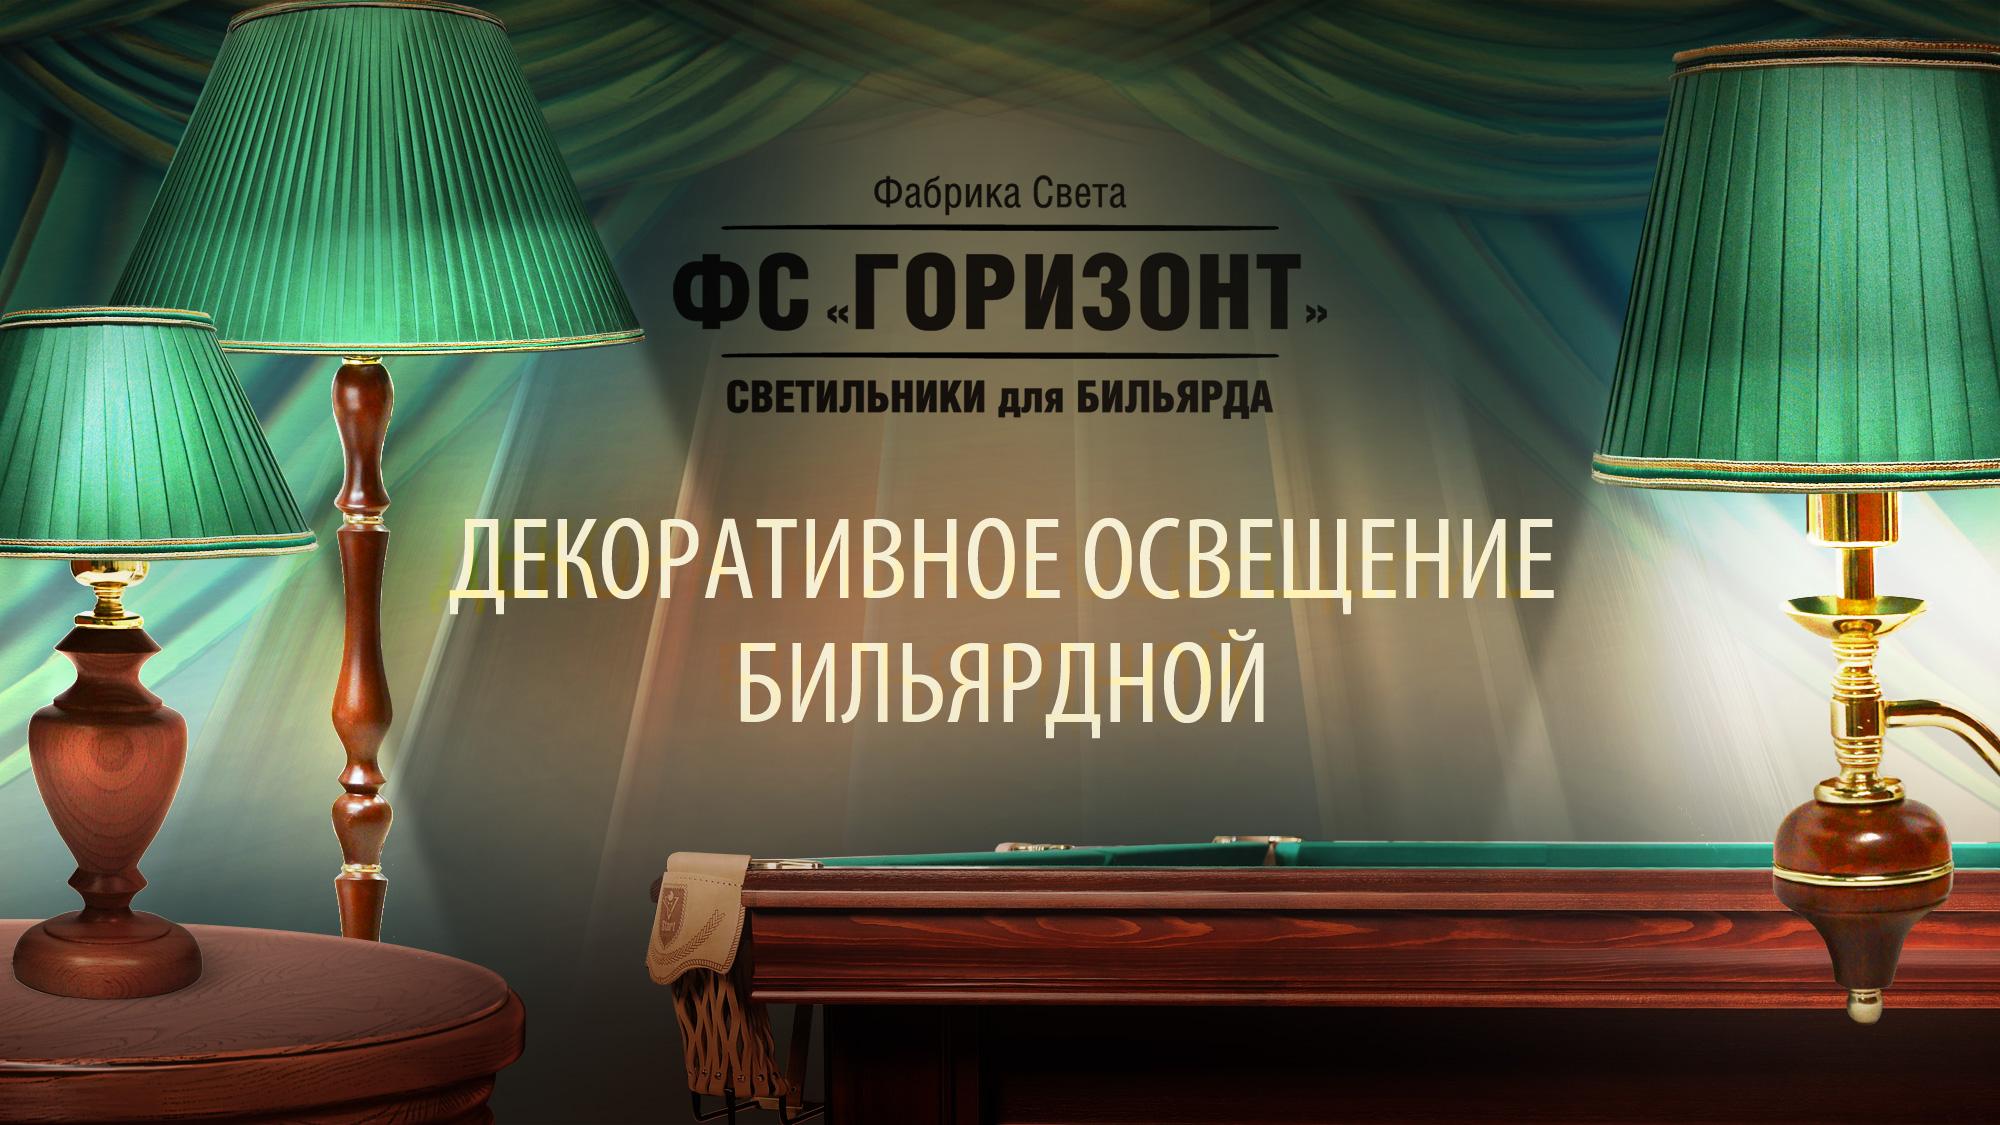 2000_Декоративное_освещение_3840-x-2160.jpg